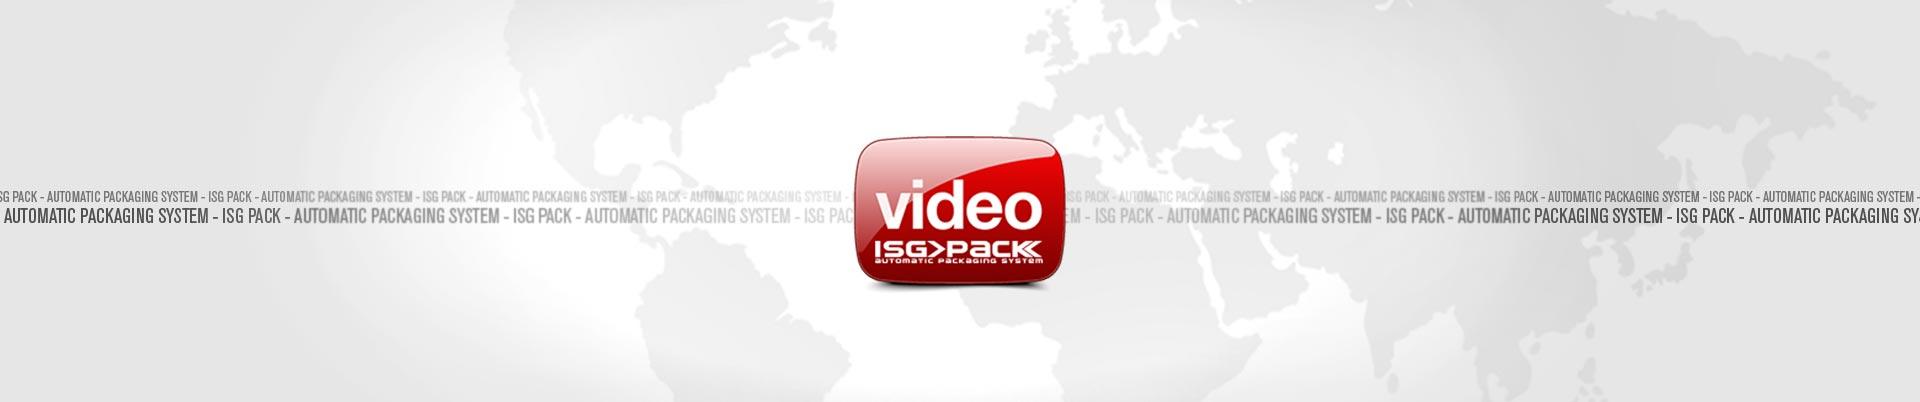 sezione video macchine per imballaggio ISG PACK